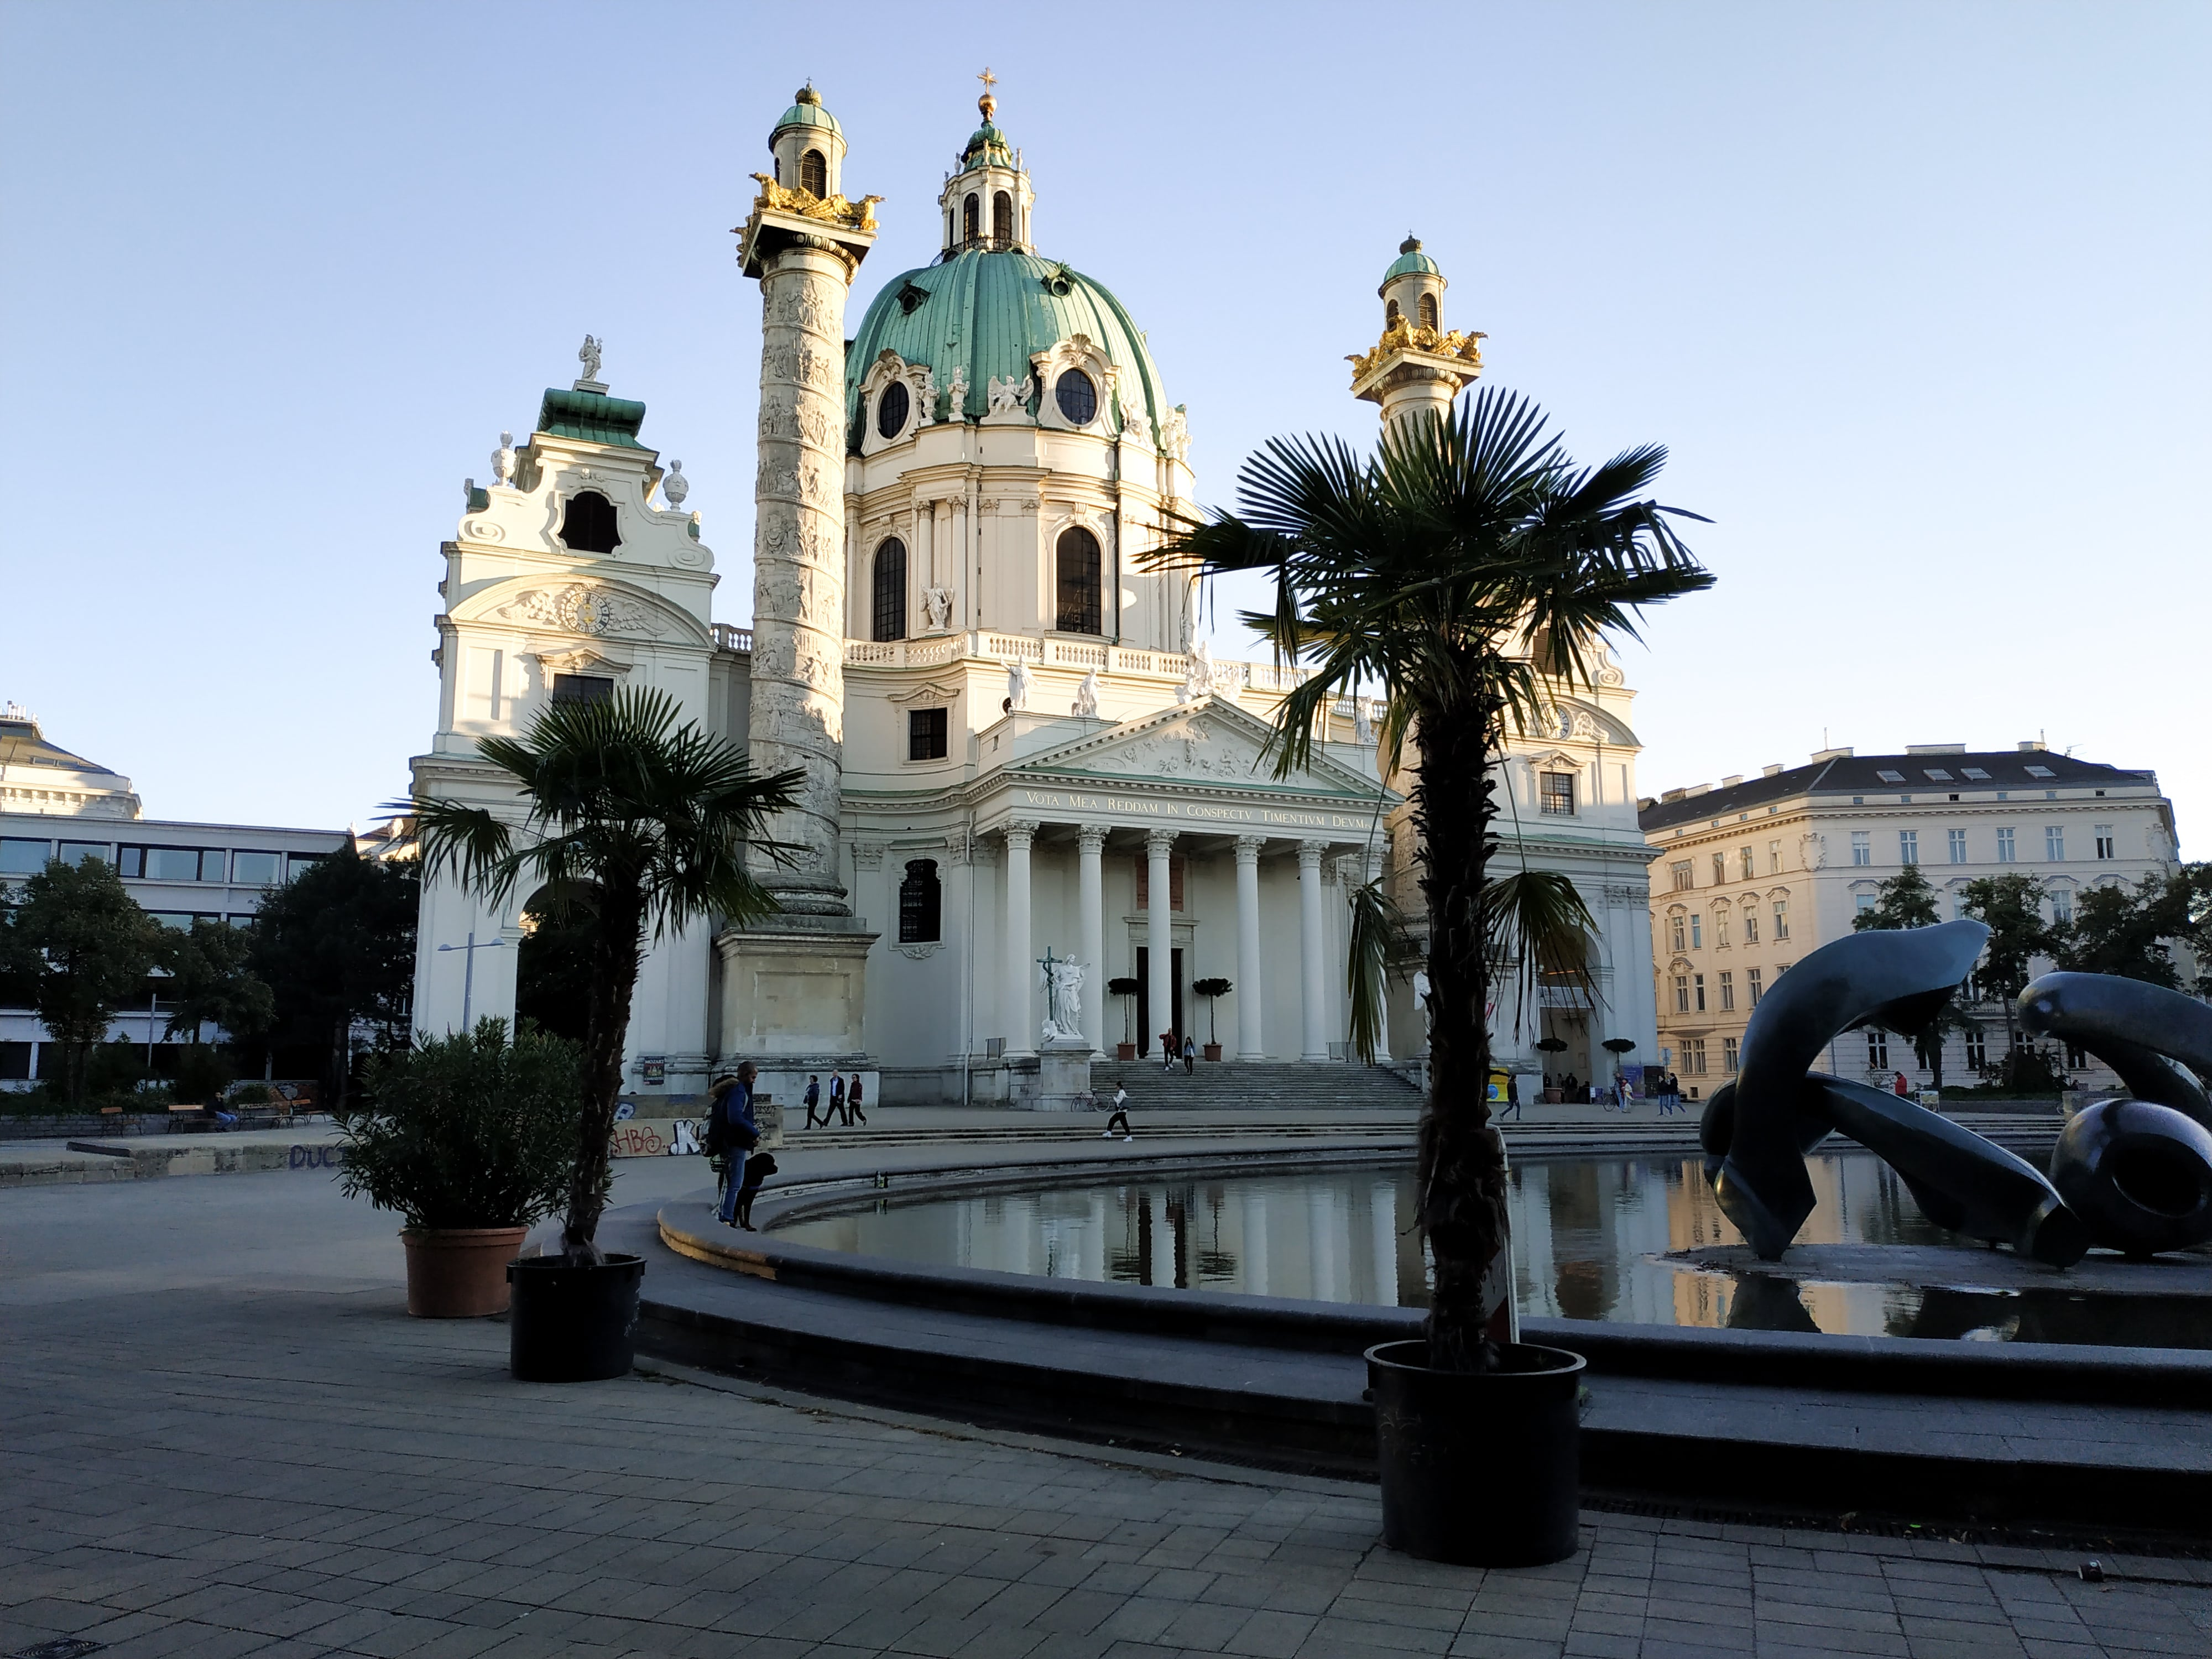 Église Saint-Charles-Borromée : Découvrez la majestueuse Vienne avec les 5 immanquables à voir pour une visite expresse.